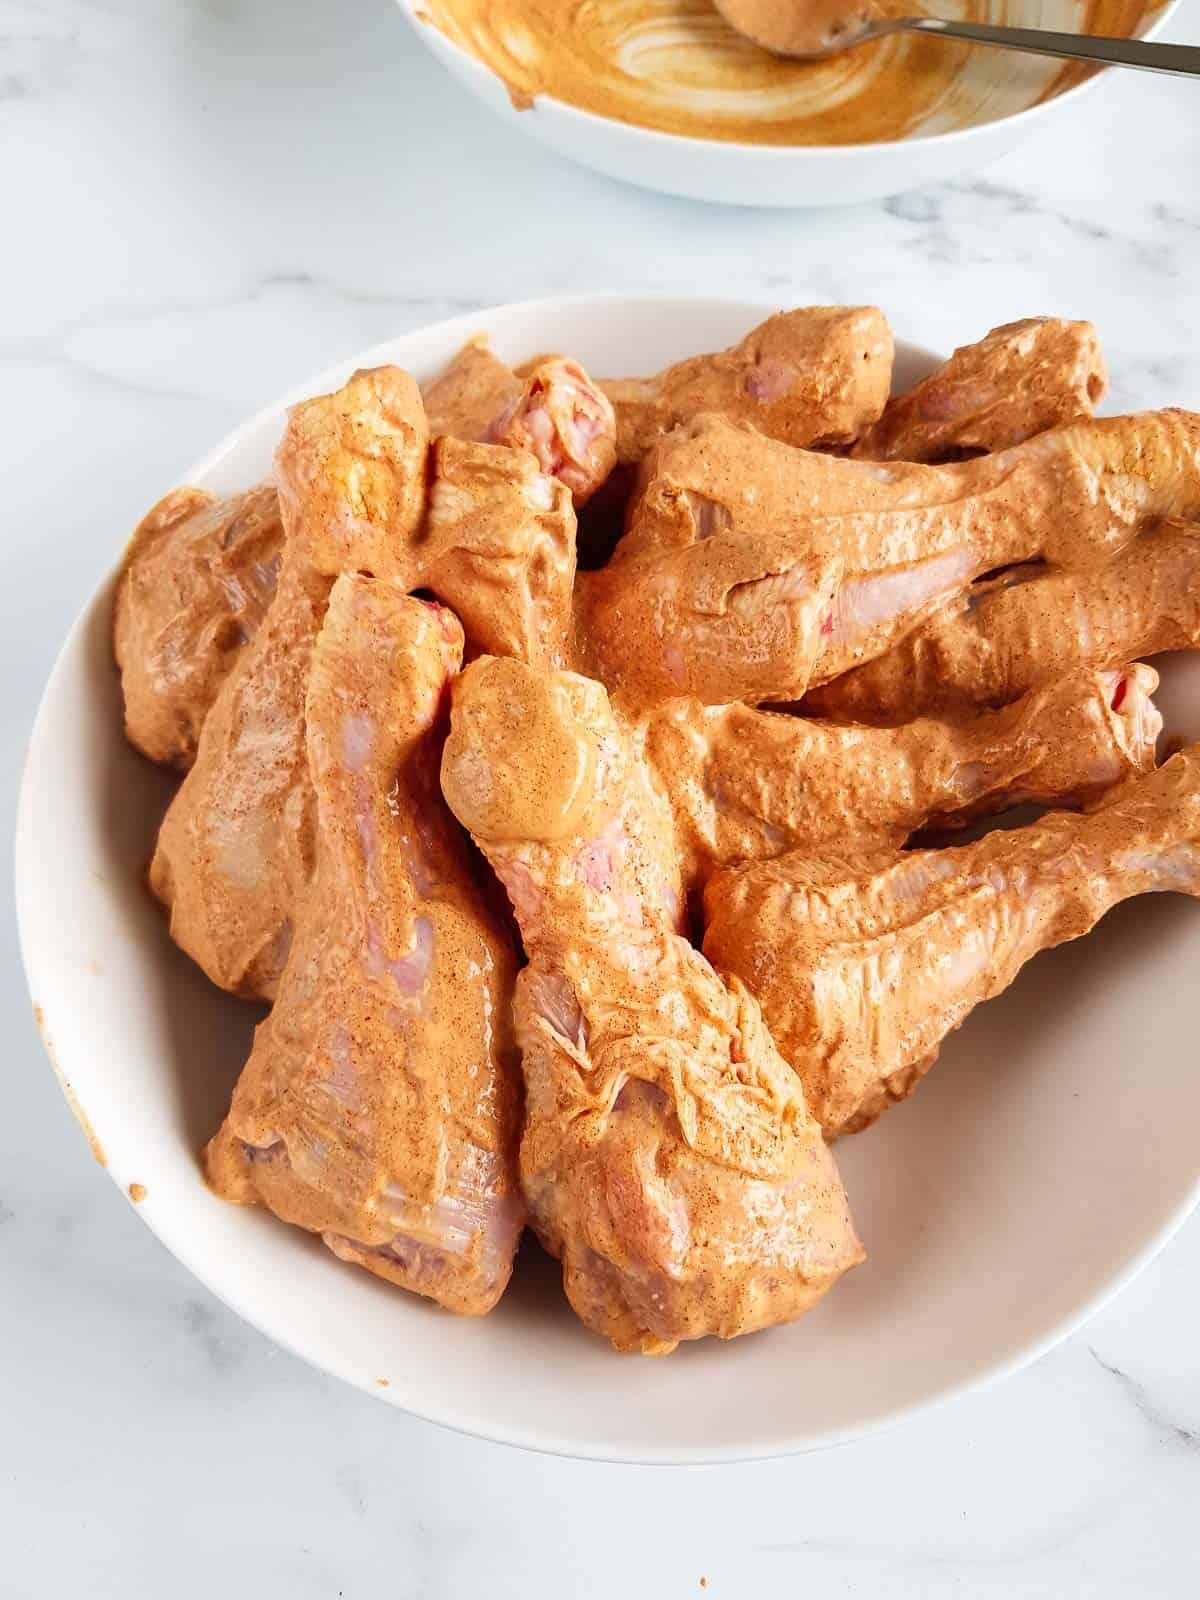 Marinated raw chicken drumsticks.